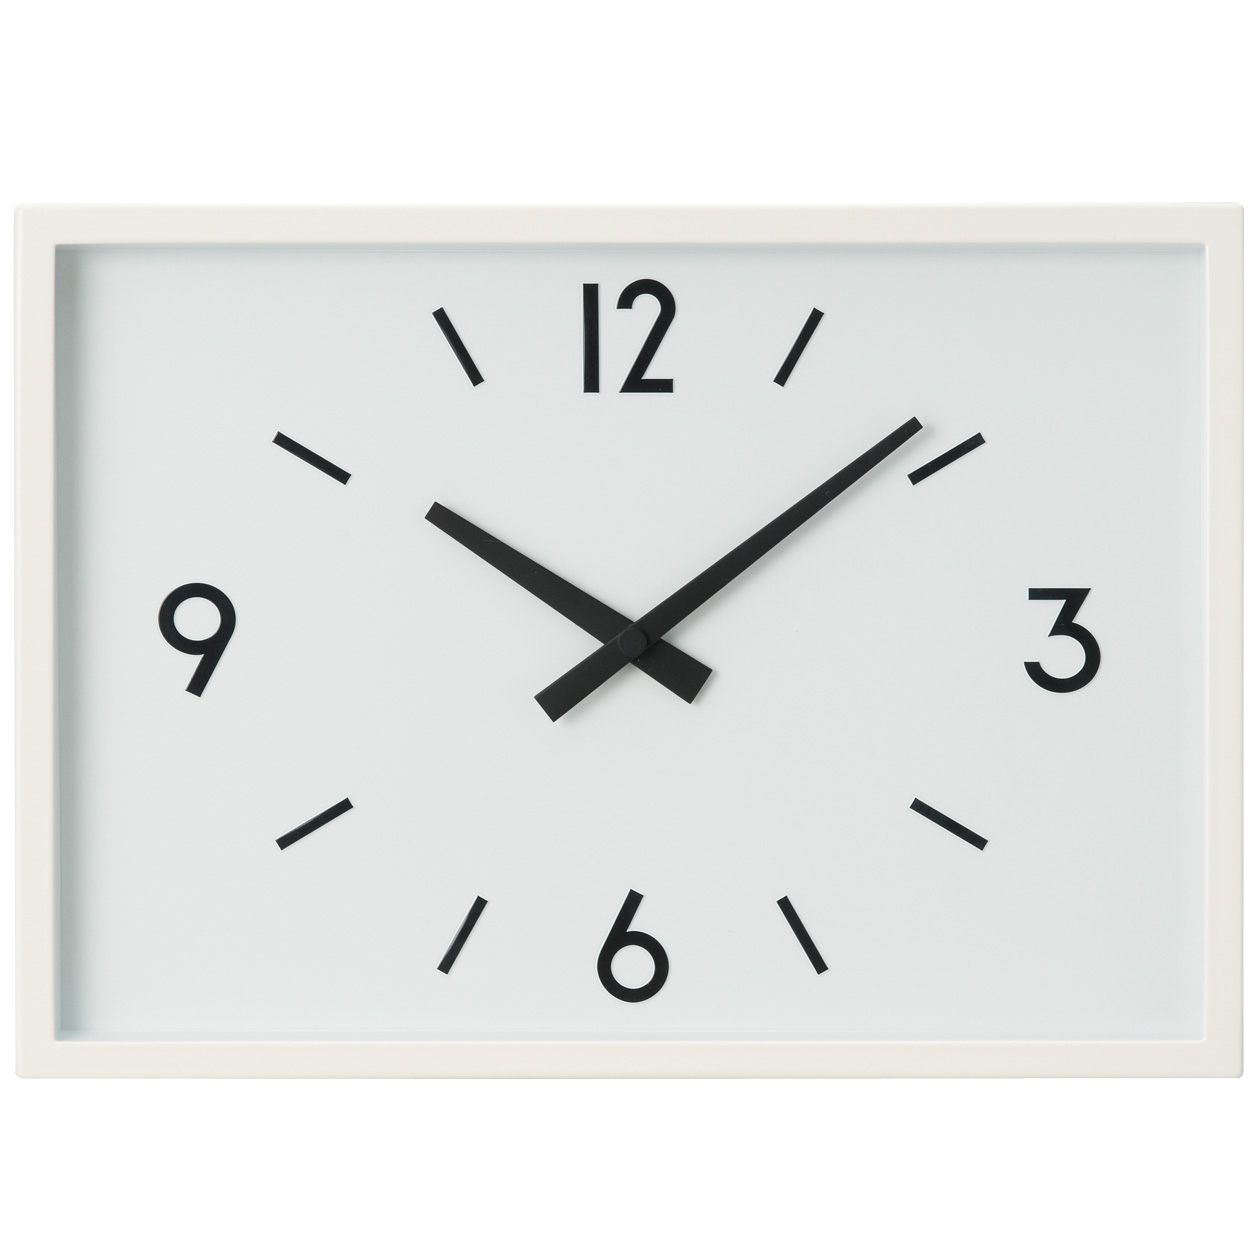 駅の時計・電波ウォールクロック・アイボリー